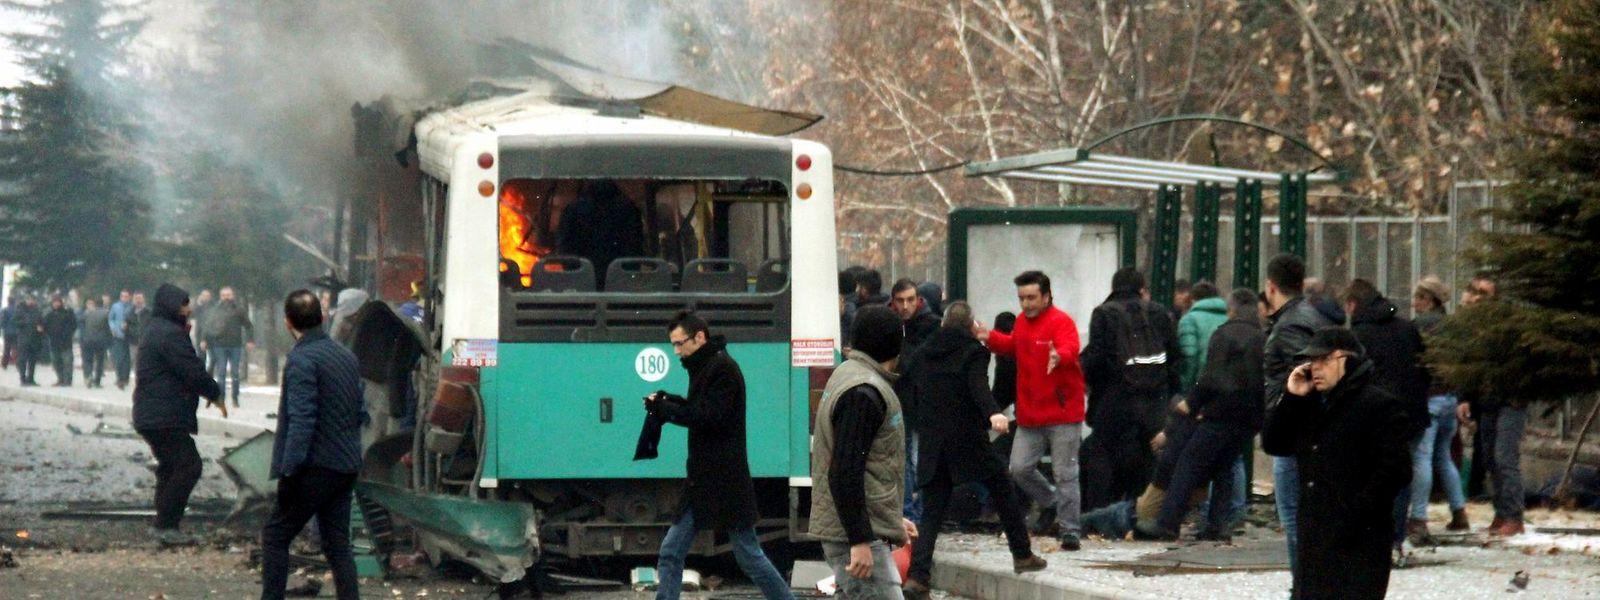 Au moins 13 soldats turcs ont été tués et 48 blessés dans l'attentat qui a visé un bus qui les transportait samedi matin à Kayseri.